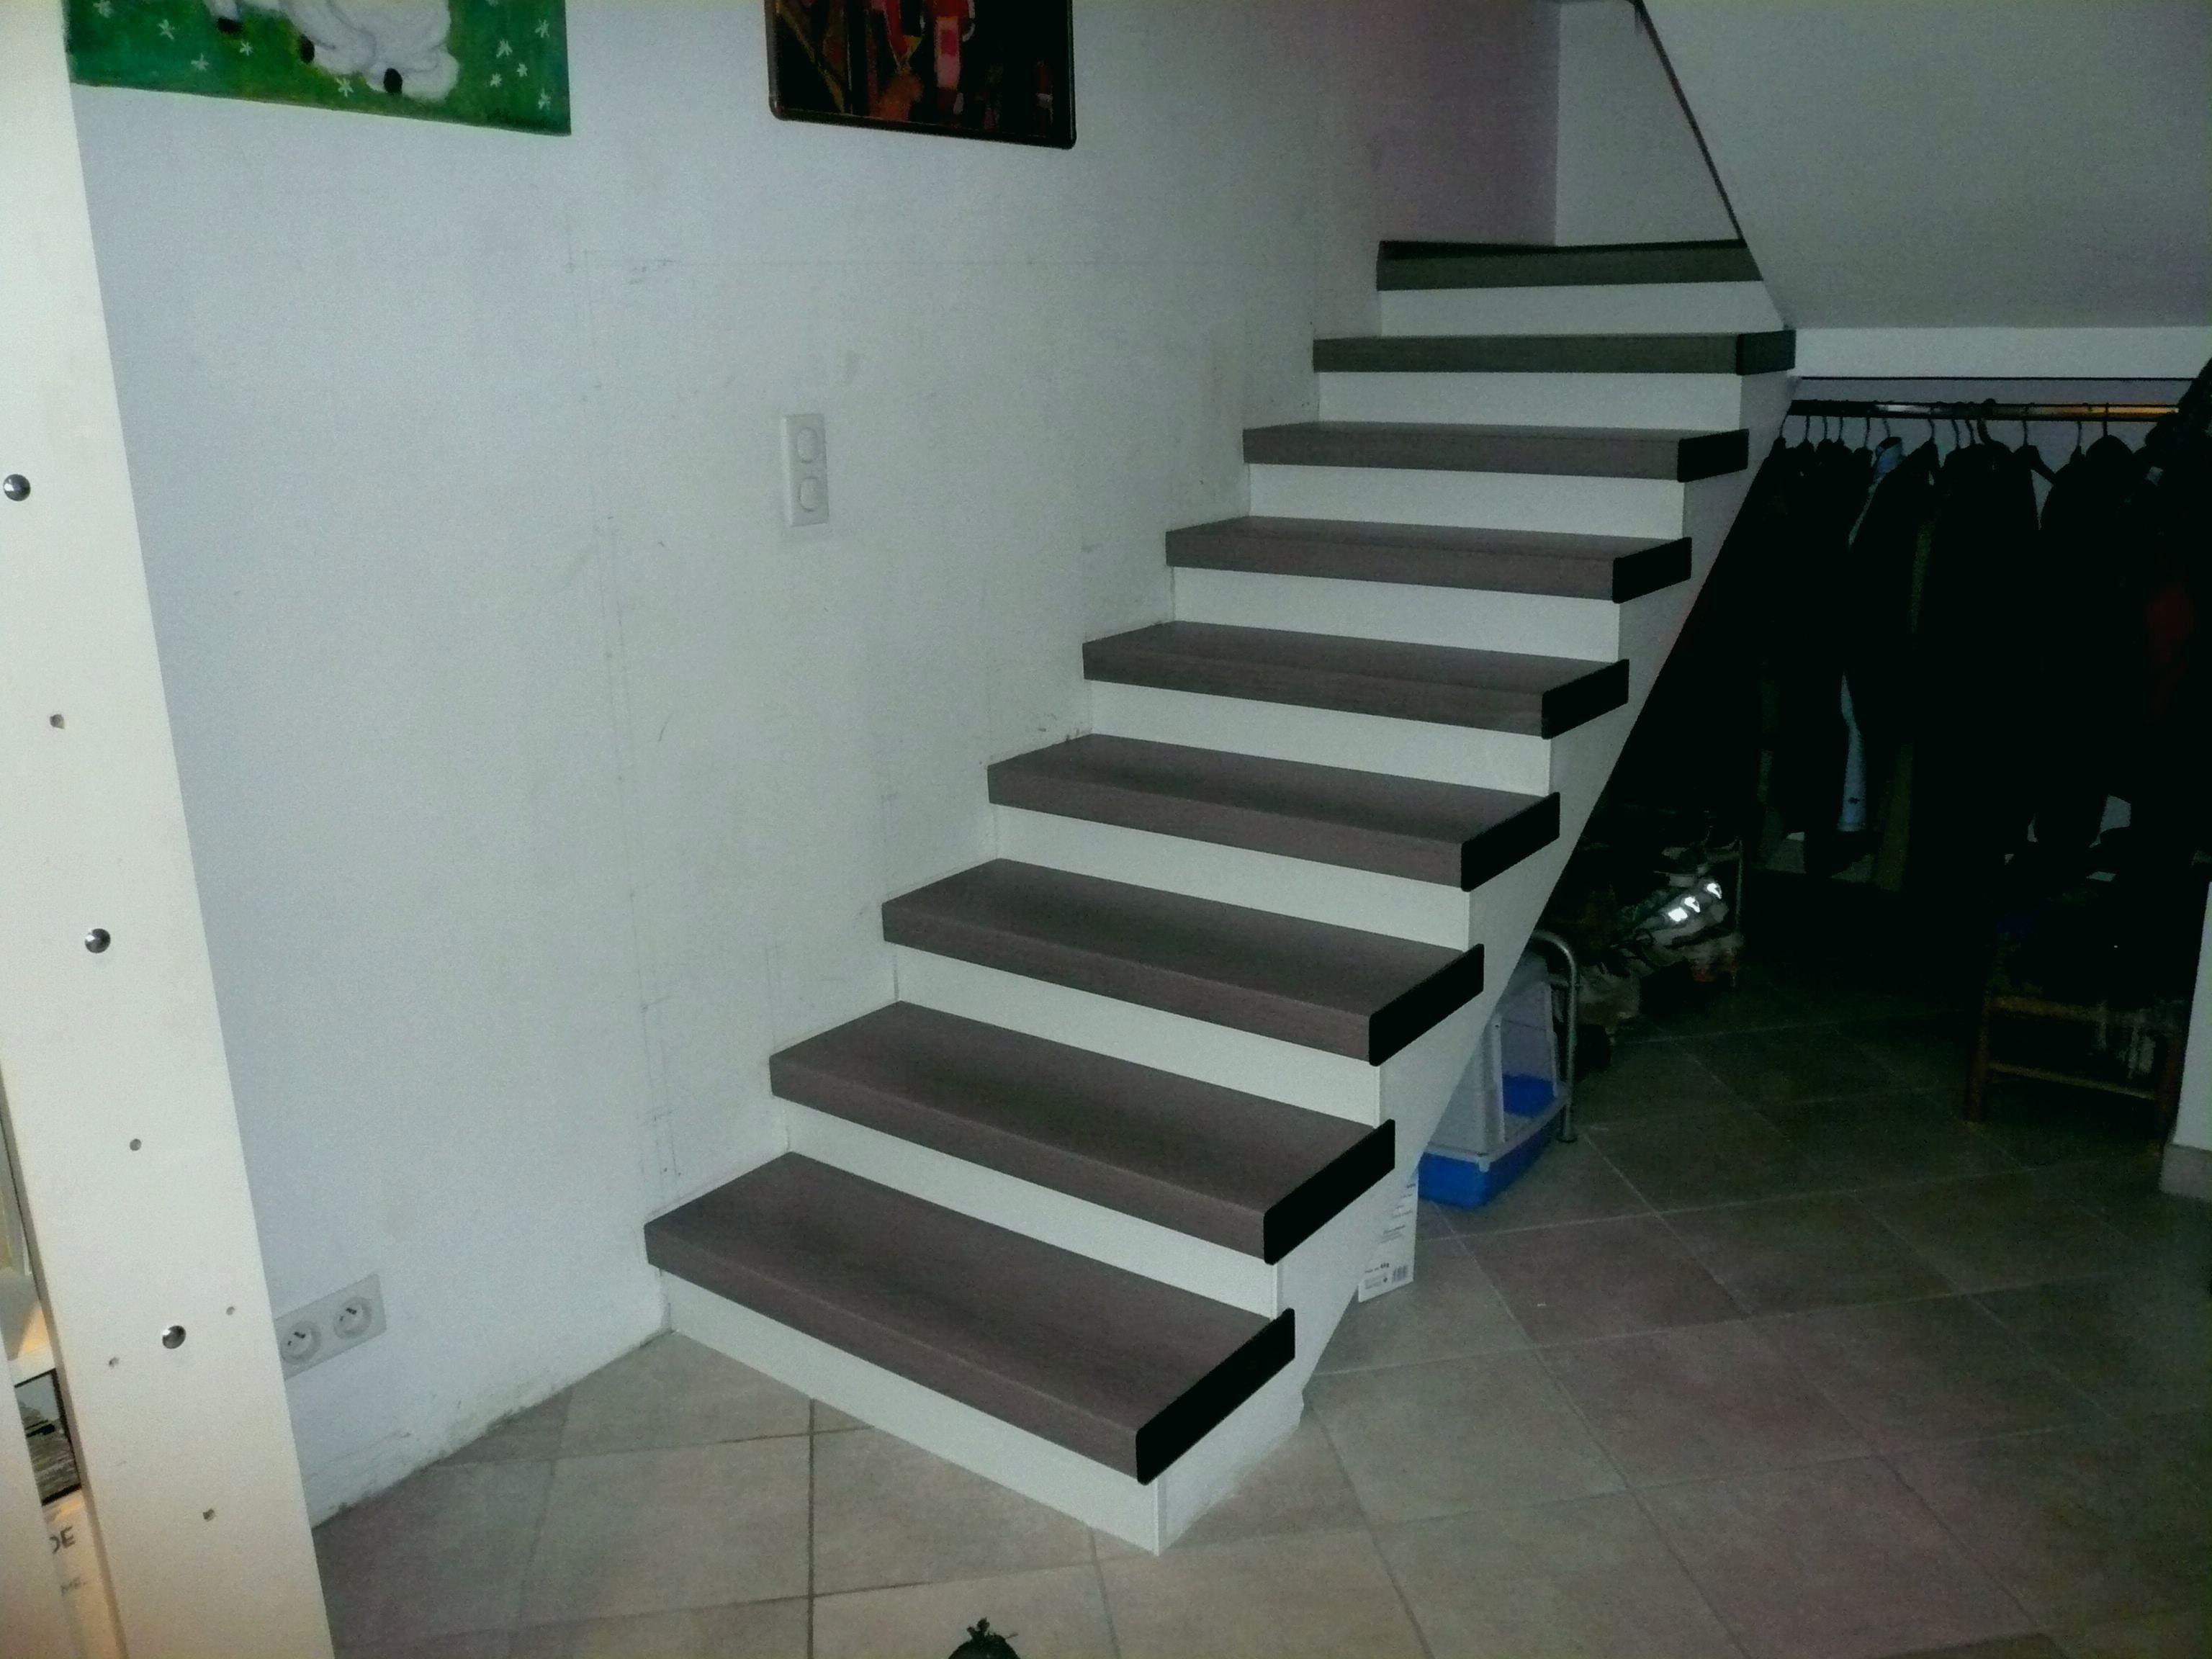 Unique Habiller Escalier Beton Exterieur Habiller Escalier Beton